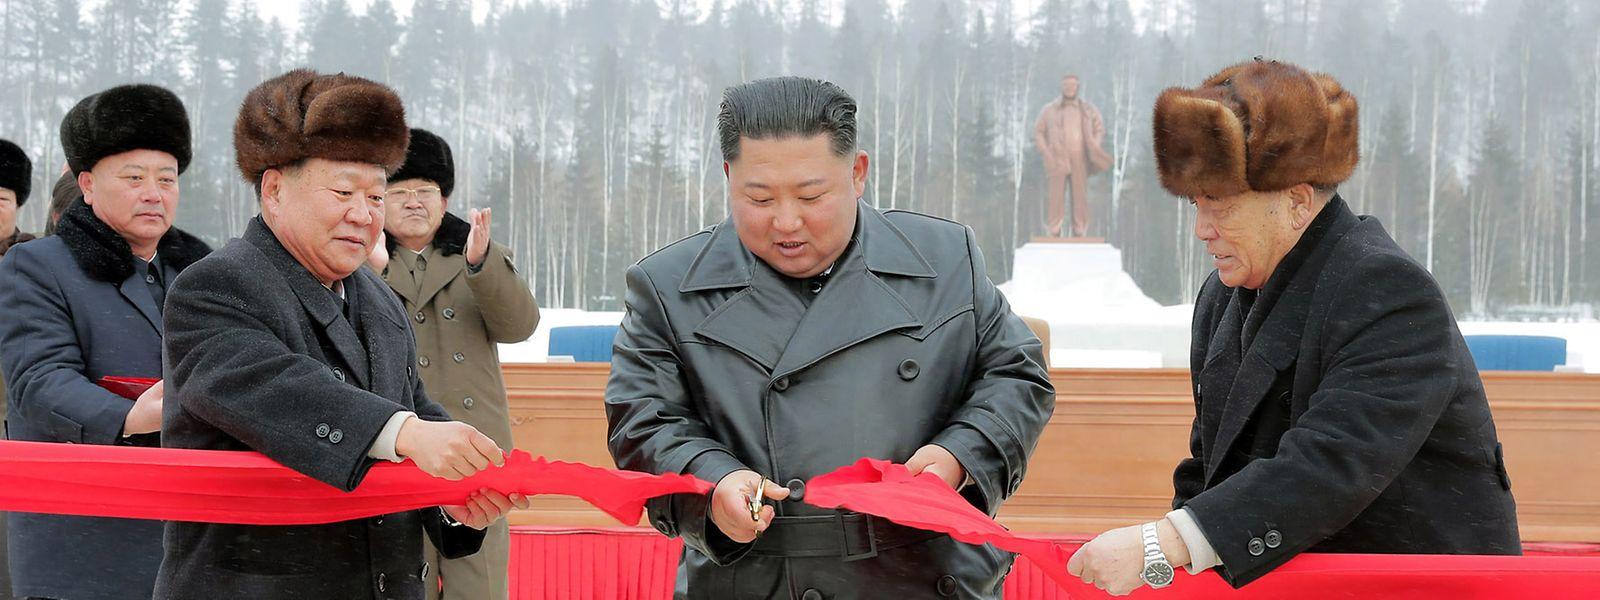 Kim Jong Un (M.) bei einer Einweihungszeremonie, mutmaßlich der von Samjiyon. Das Foto wurde von der staatlichen nordkoreanischen Nachrichtenagentur KCNA zur Verfügung gestellt. Seine Echtheit konnte nicht geprüft werden.